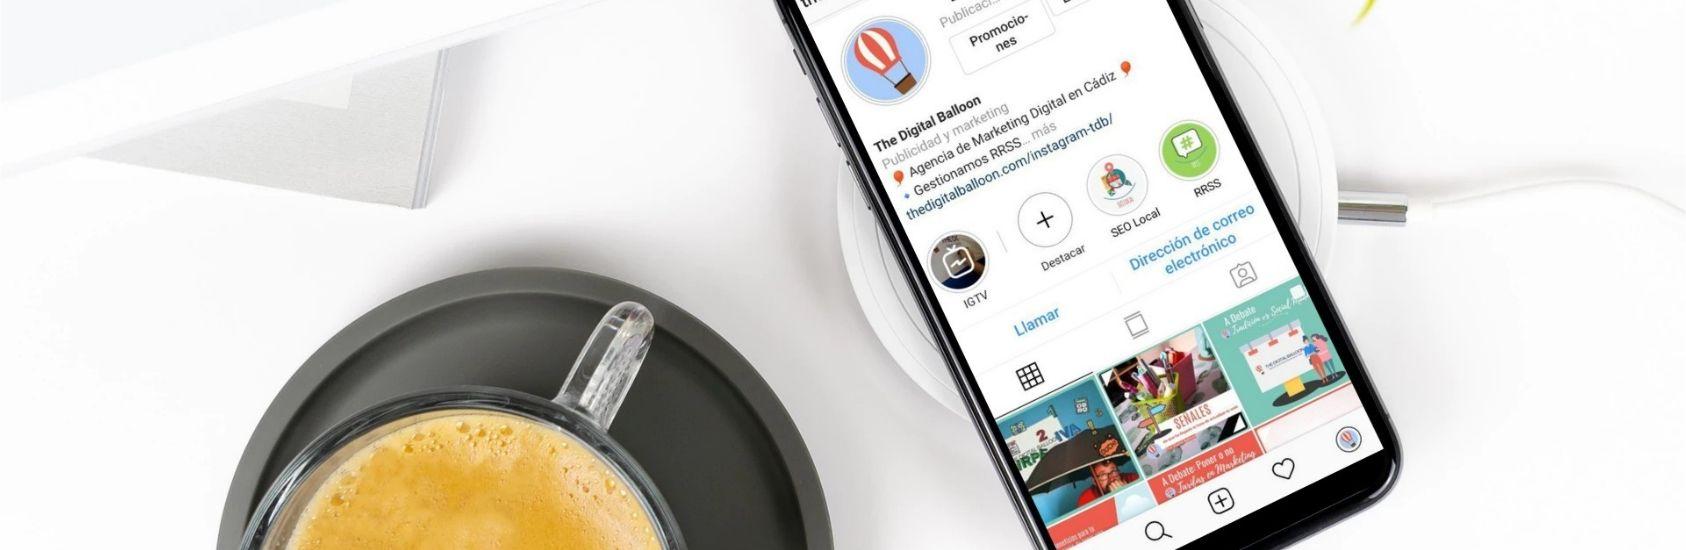 Instagram está eliminando seguidores portada